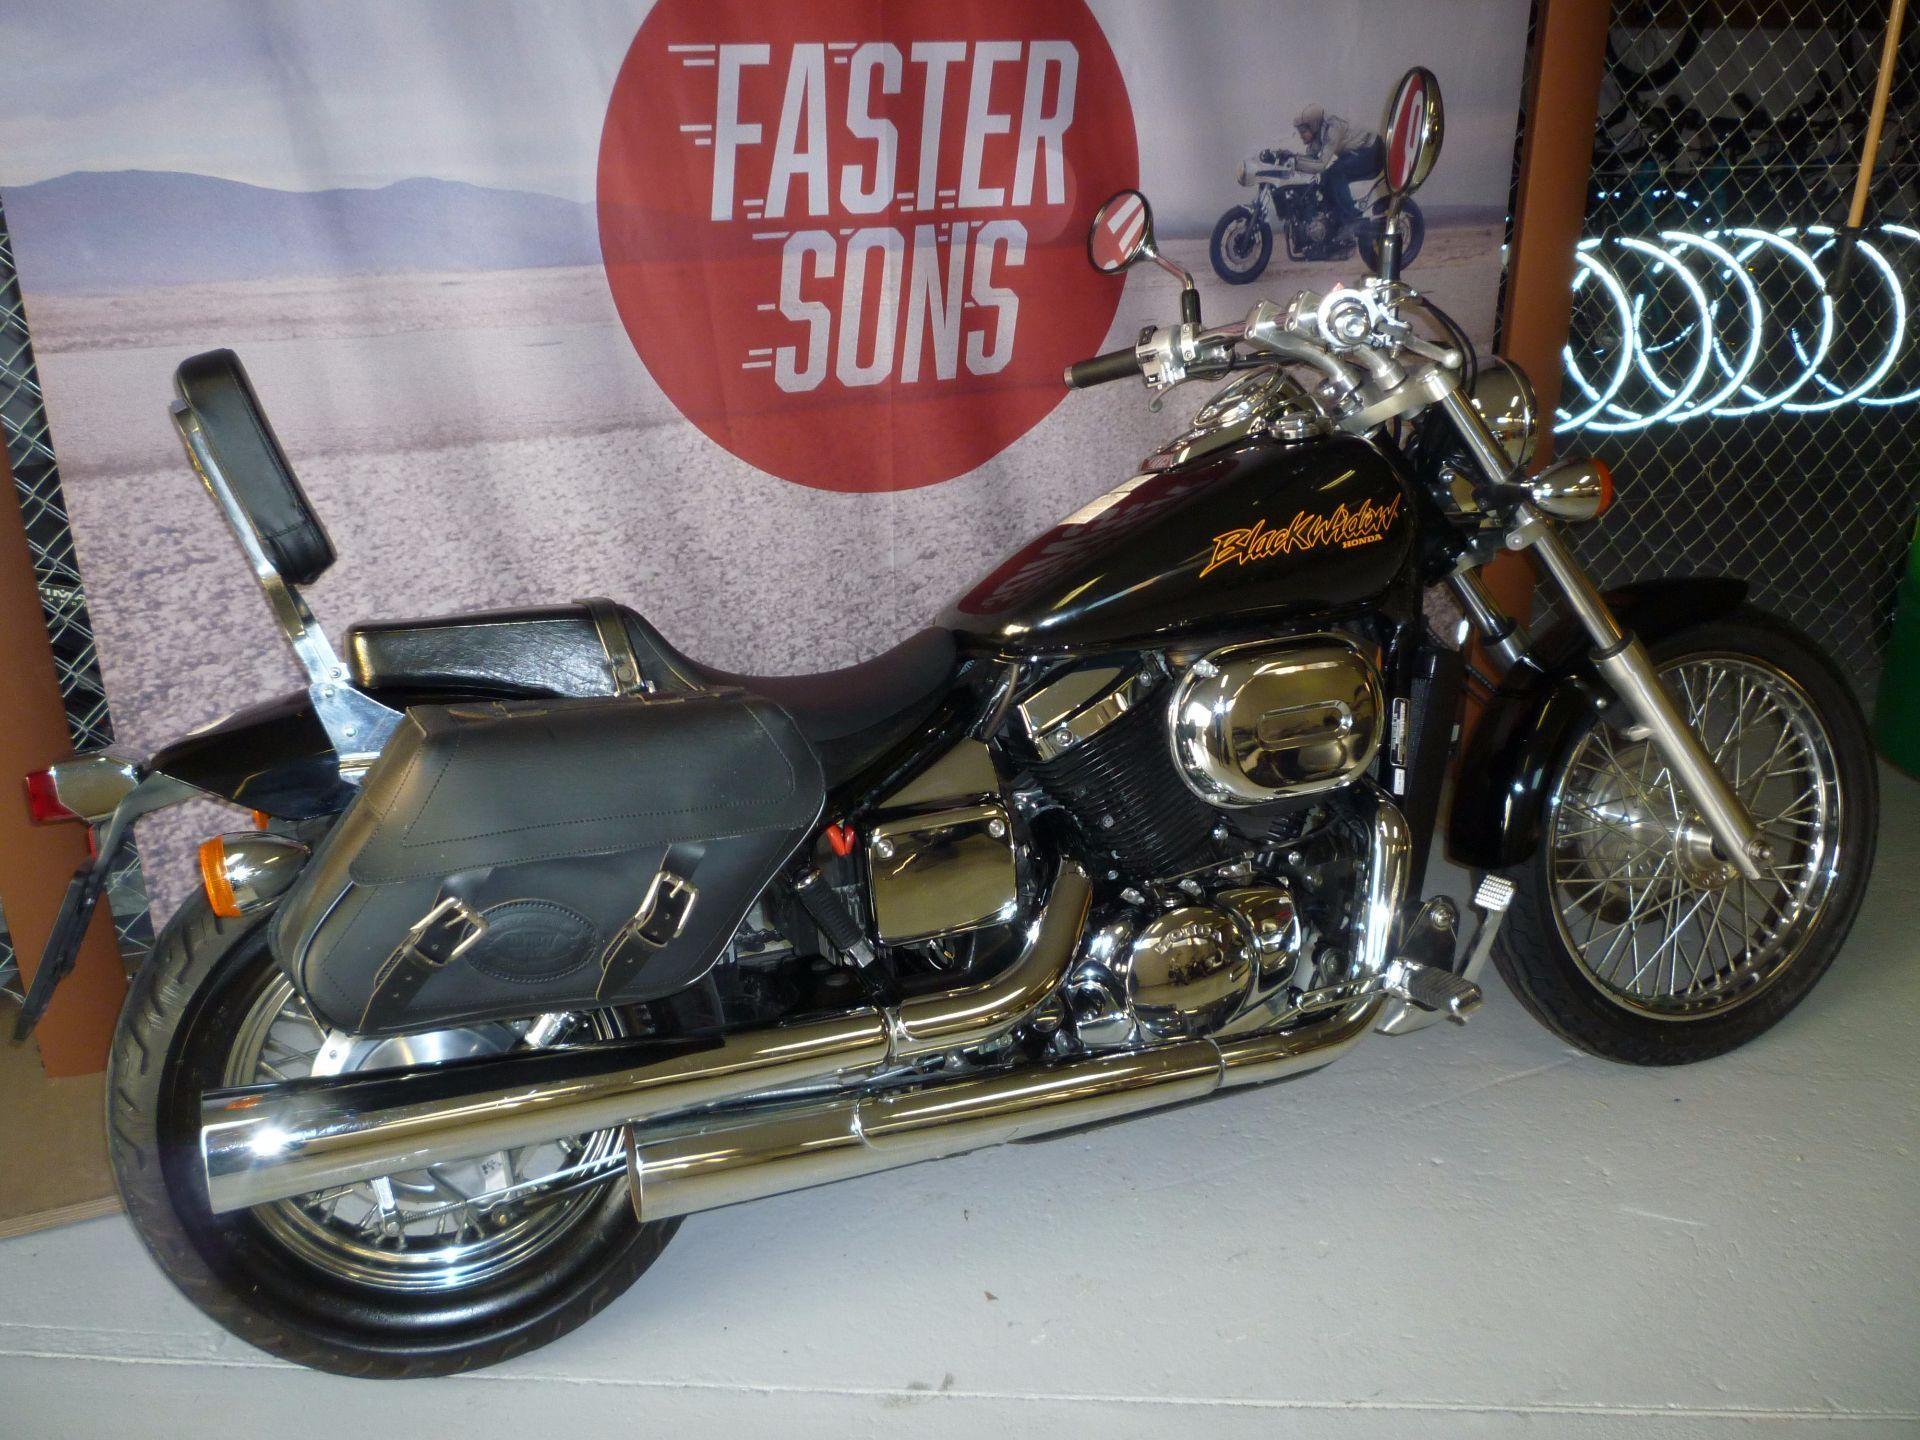 motorrad occasion kaufen honda vt 750 dc wullschleger motorradsport zofingen. Black Bedroom Furniture Sets. Home Design Ideas